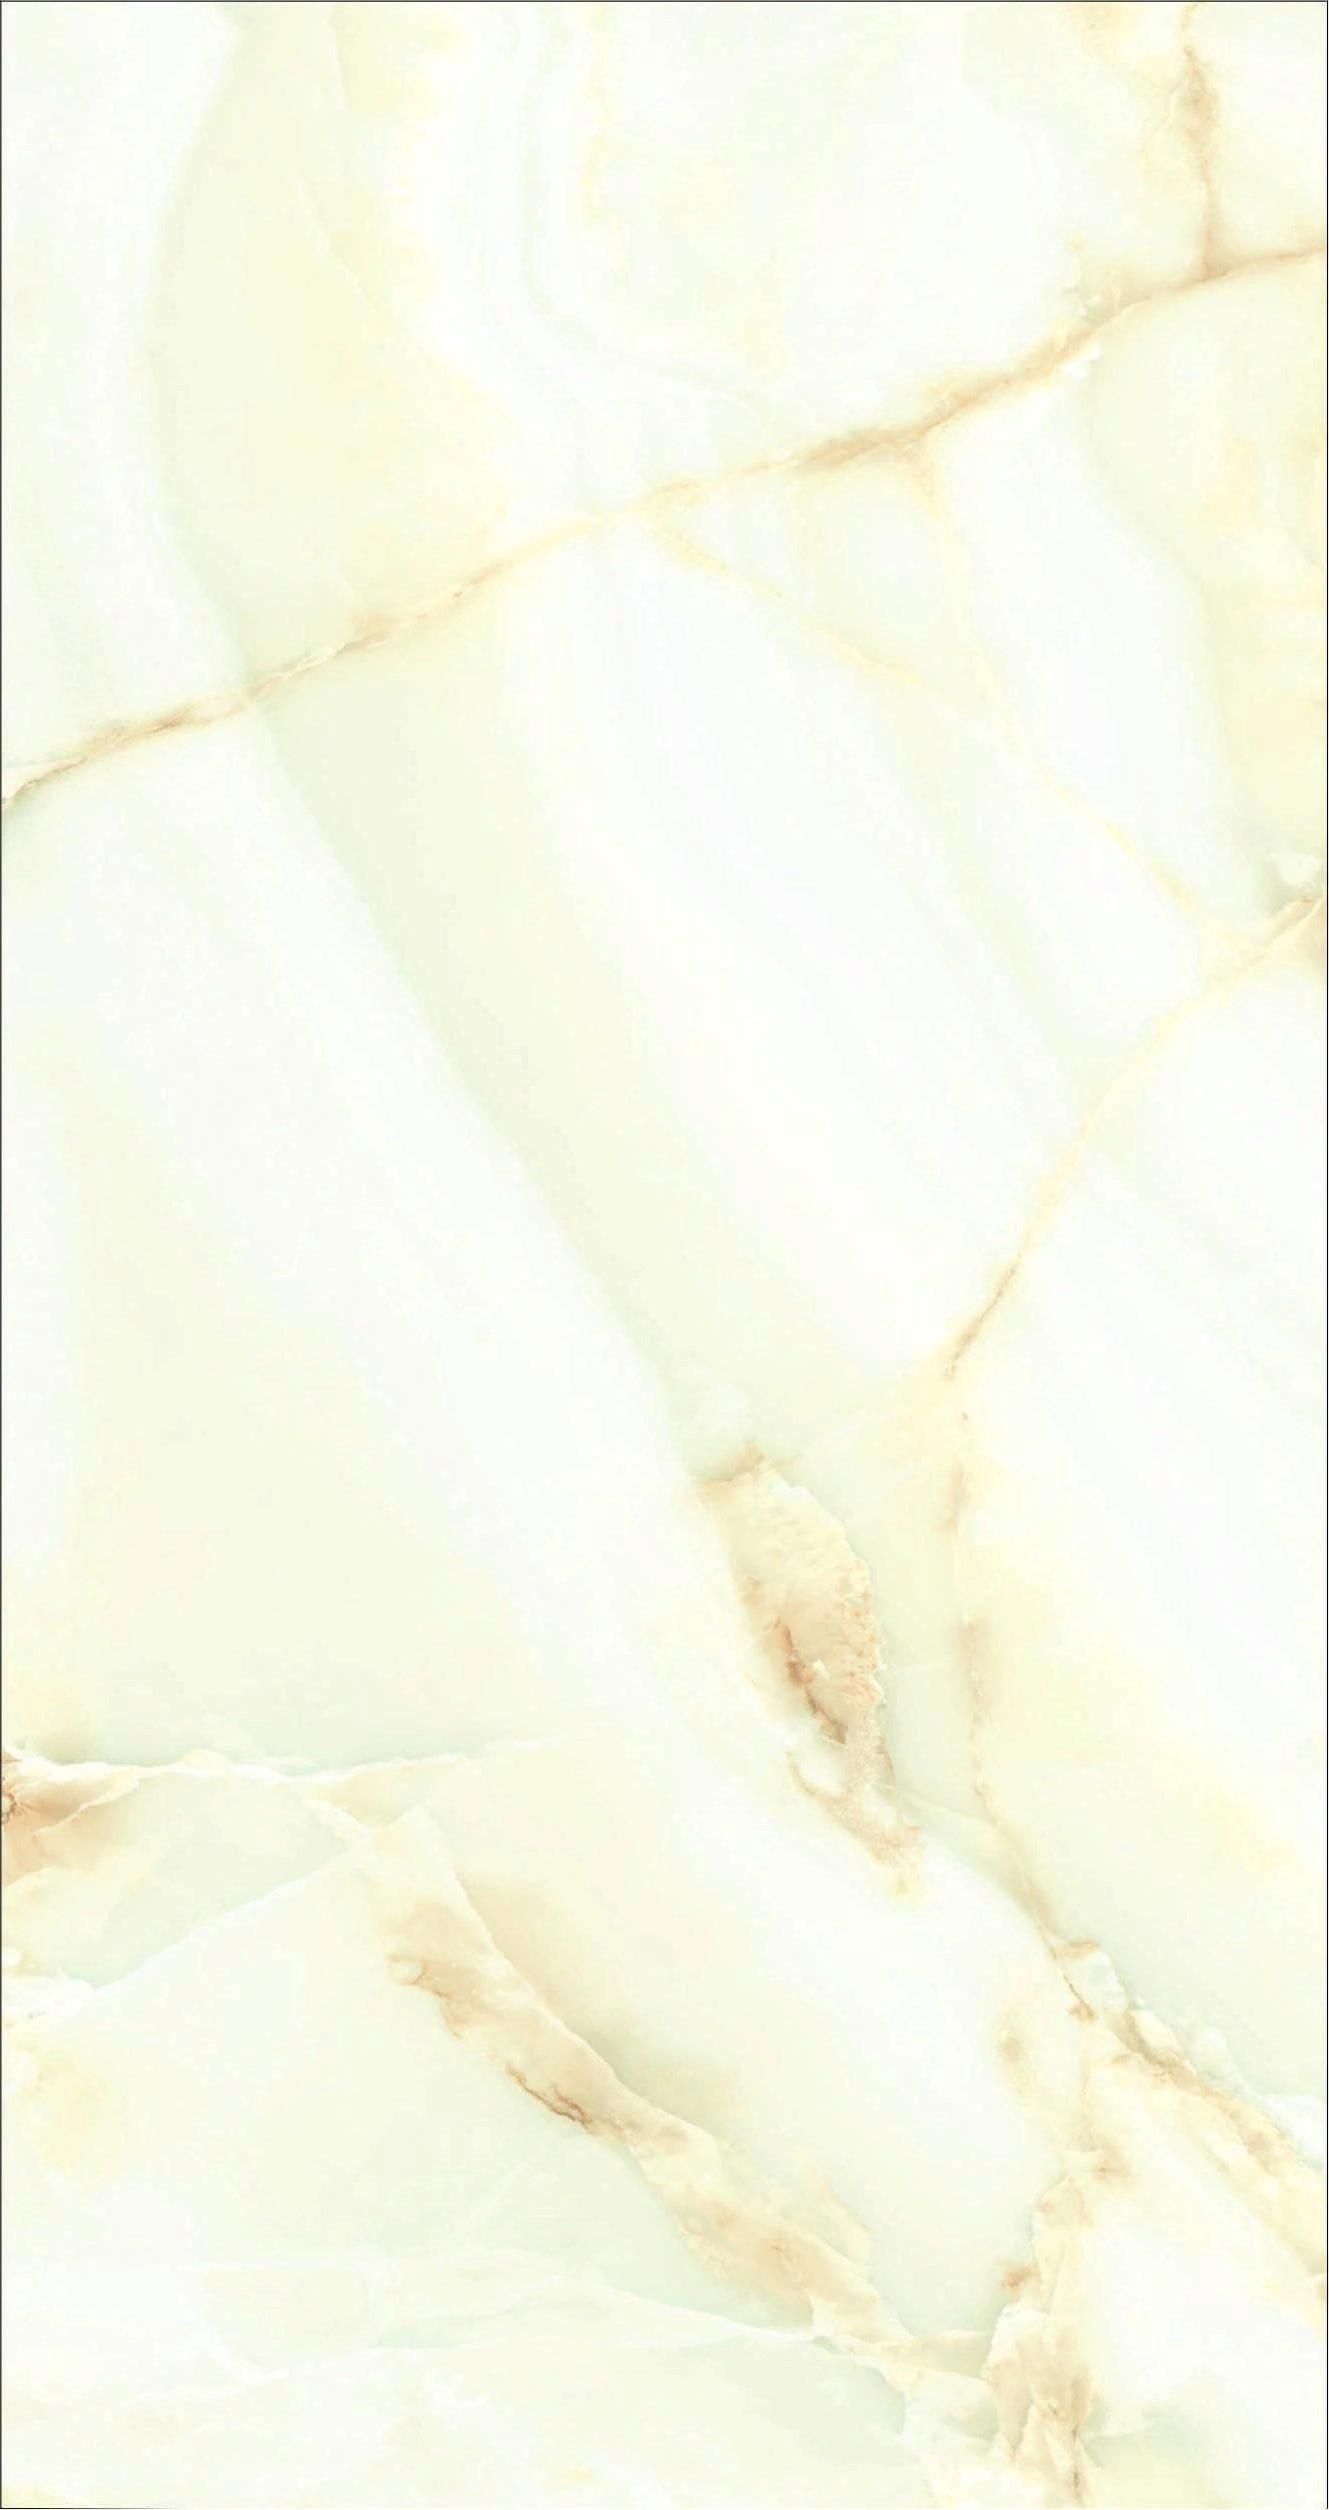 картинка 1QGBY18915 отJuliano